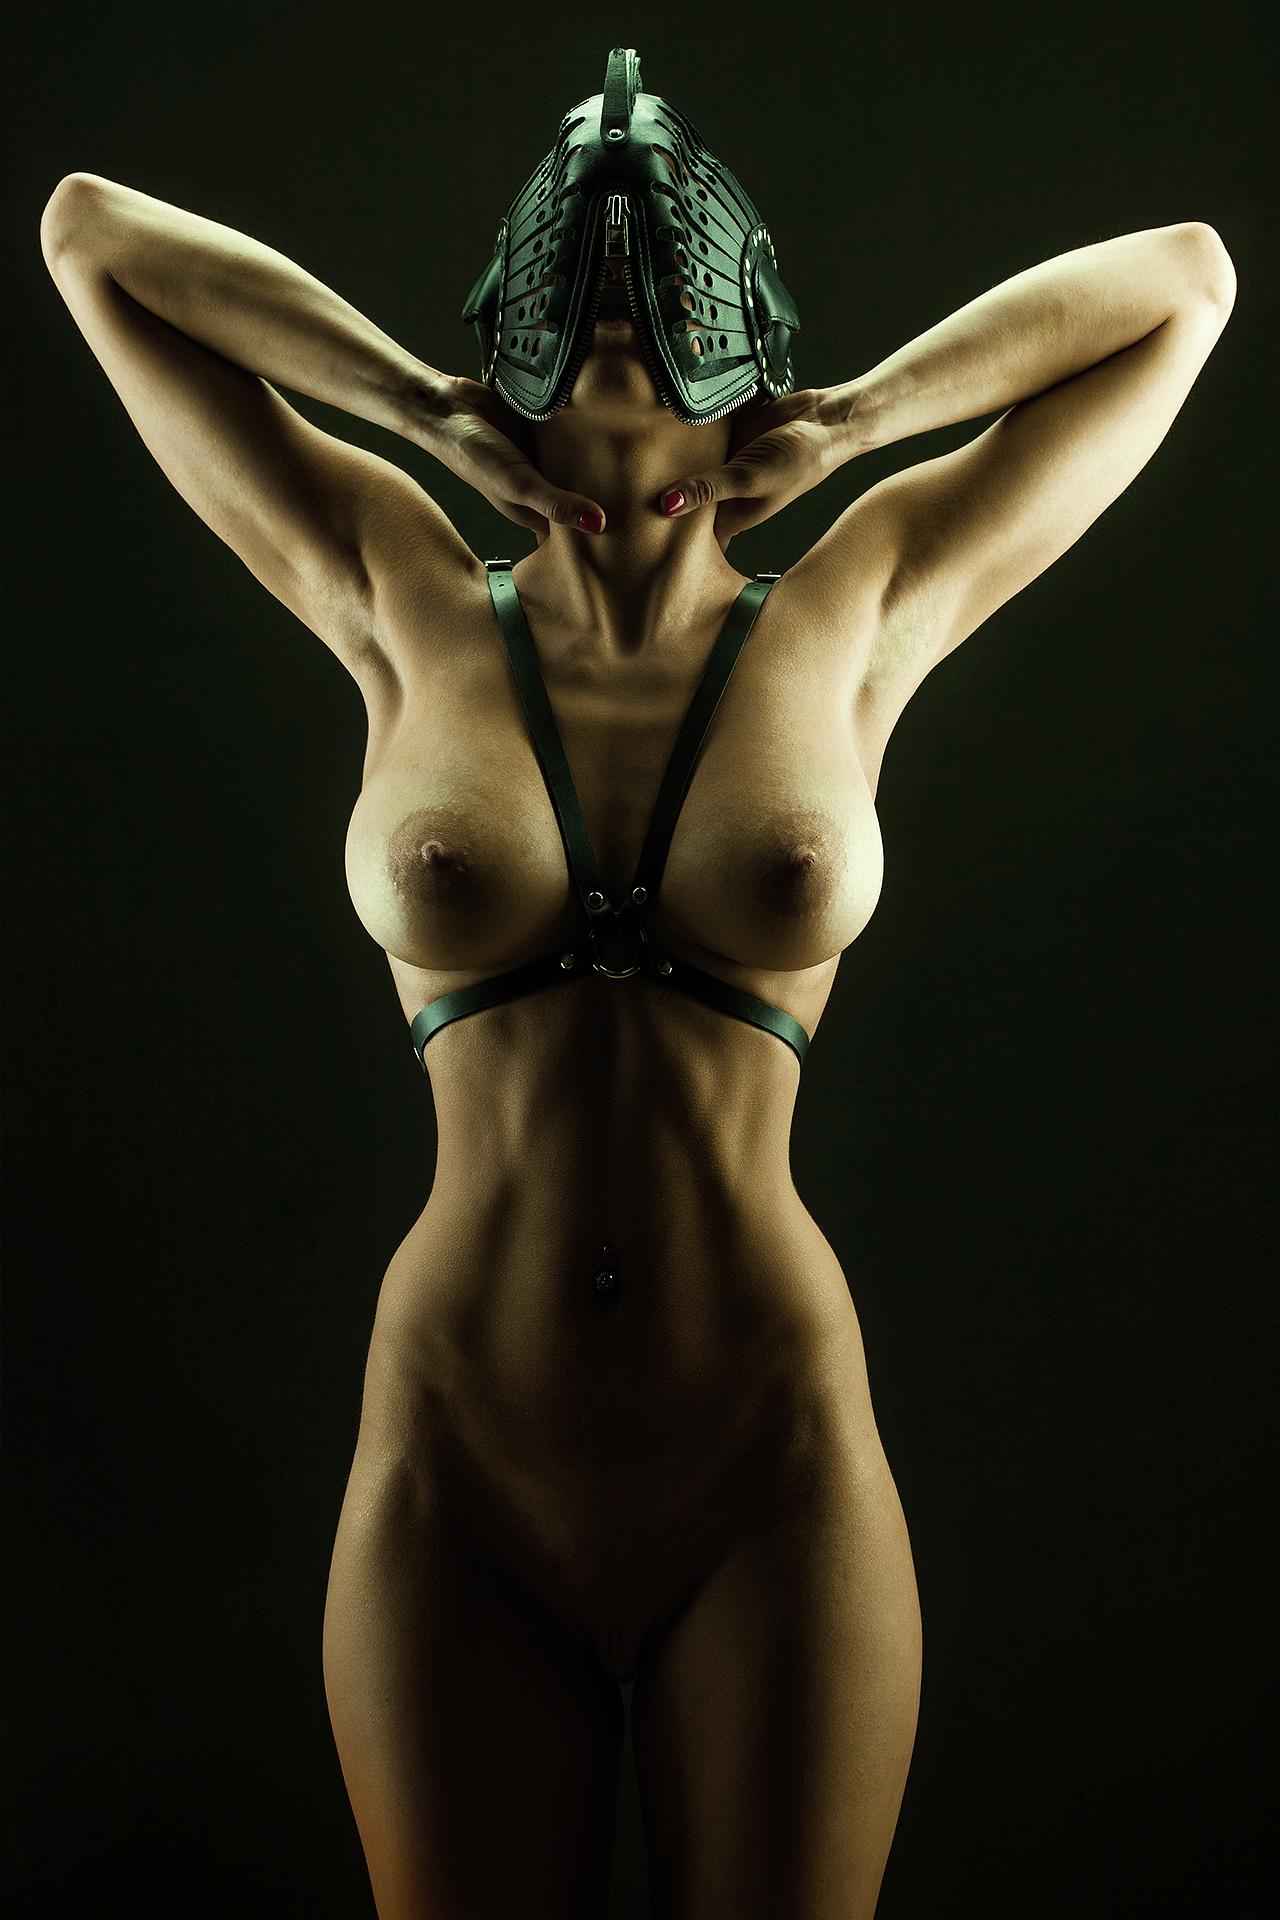 Space girl / фото Артур Каплун